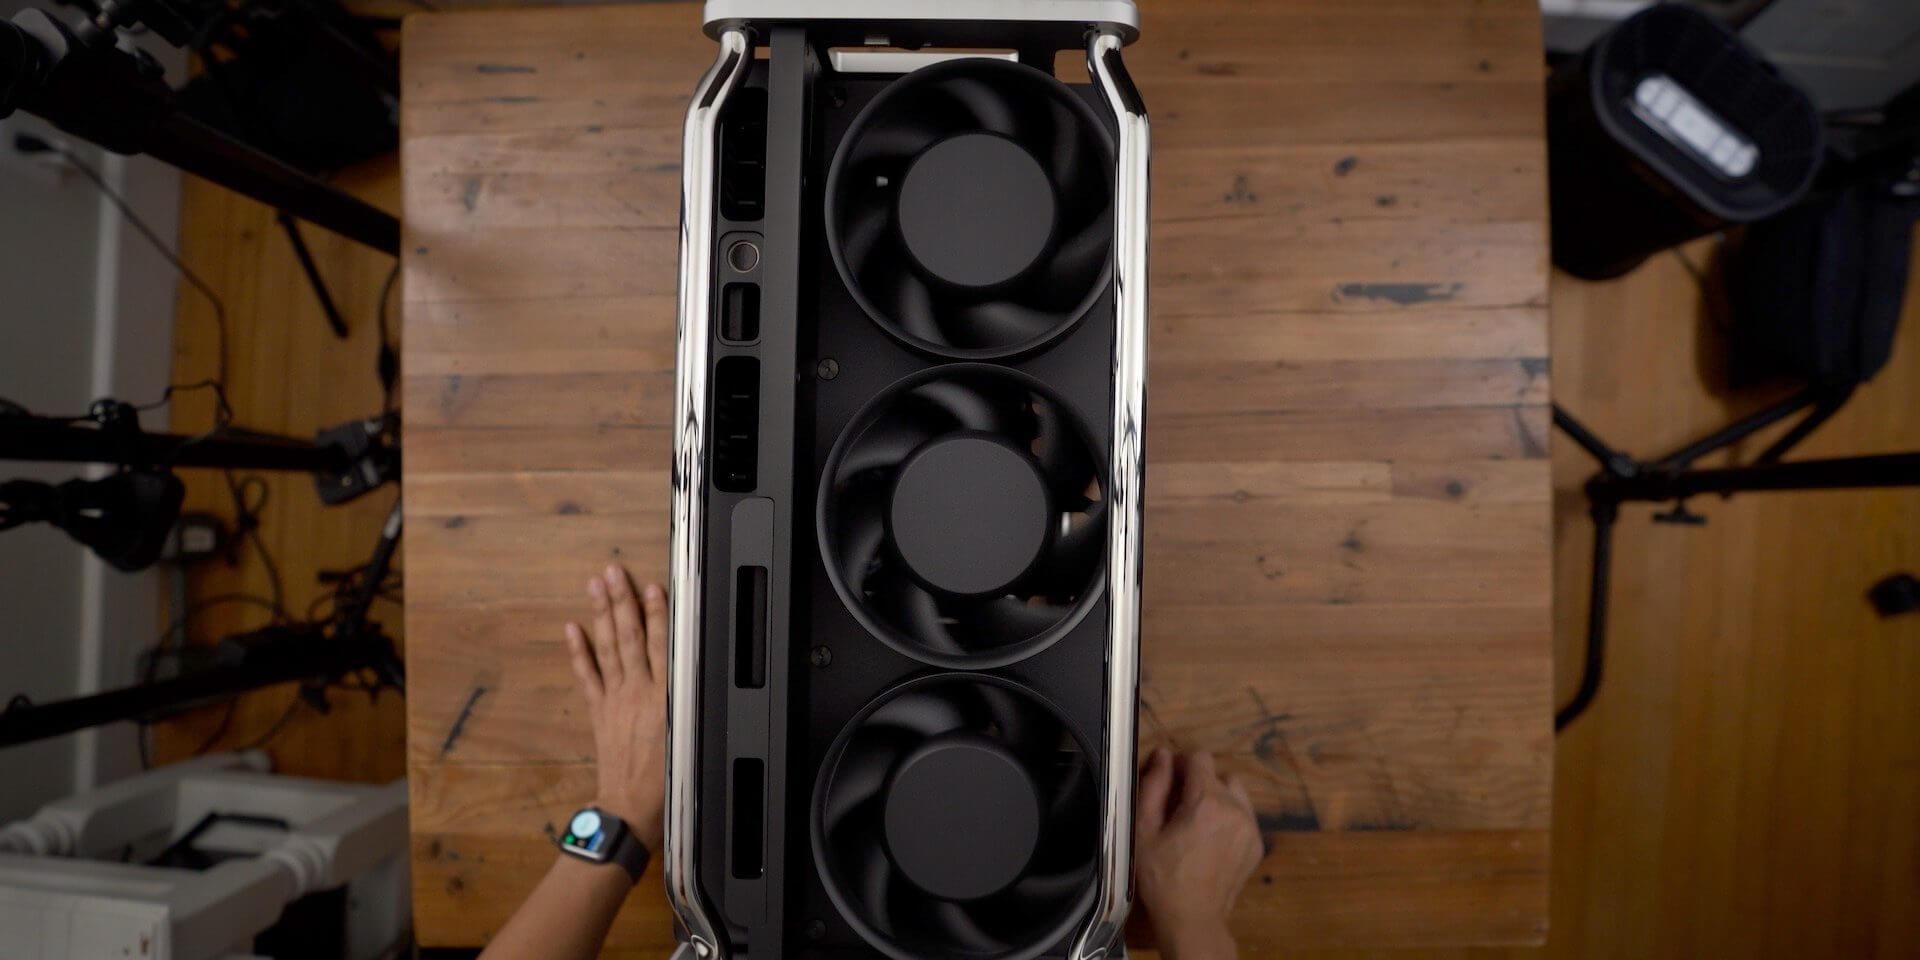 Это эпическое обновление Mac Pro стоит 500 тысяч рублей — в 5 раз дешевле, чем у Apple